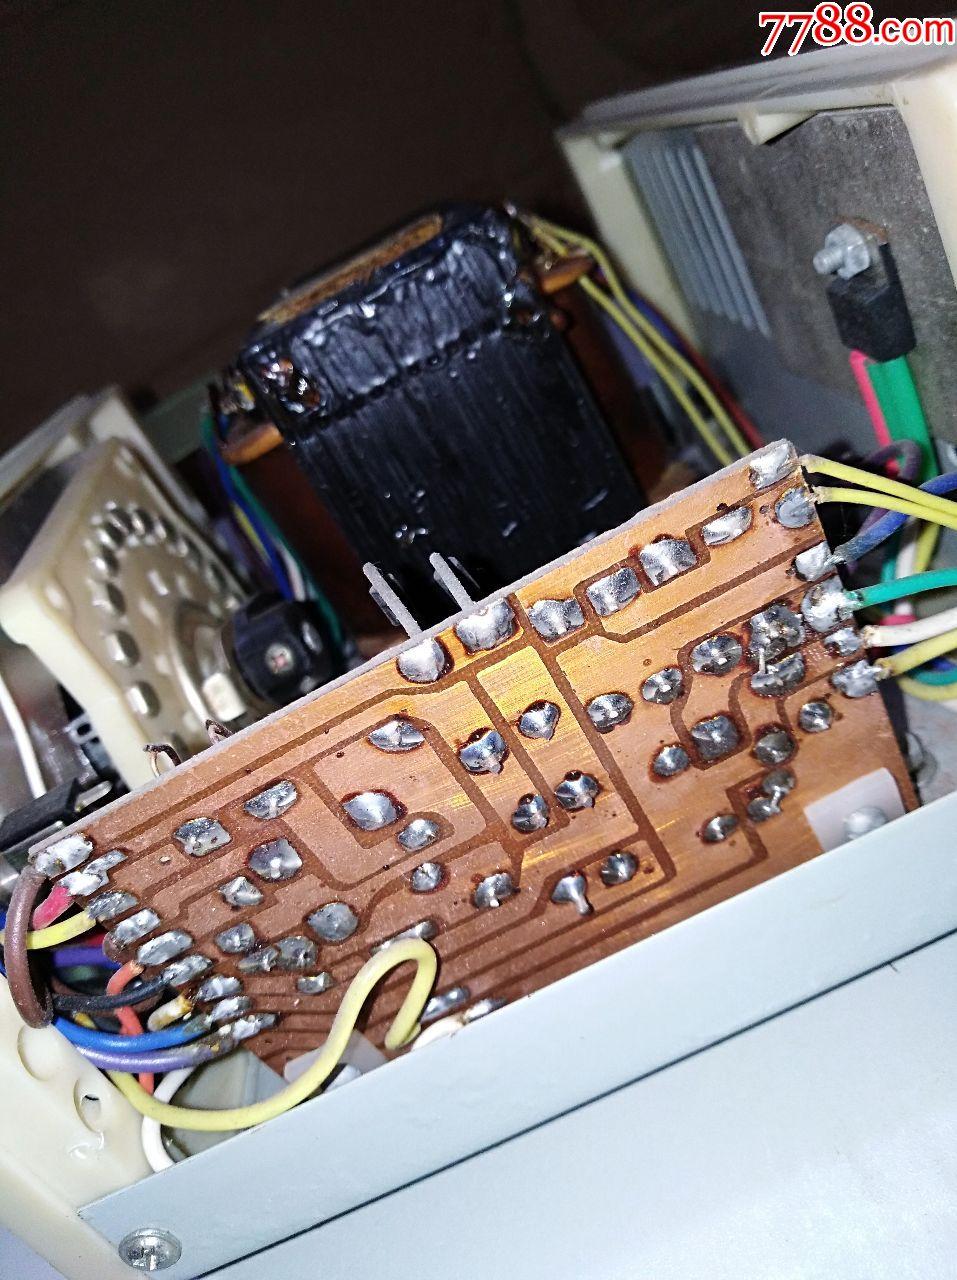 j1202-1型学生电源机身号371,全自动保护,集成电路,黄金线路板.输入